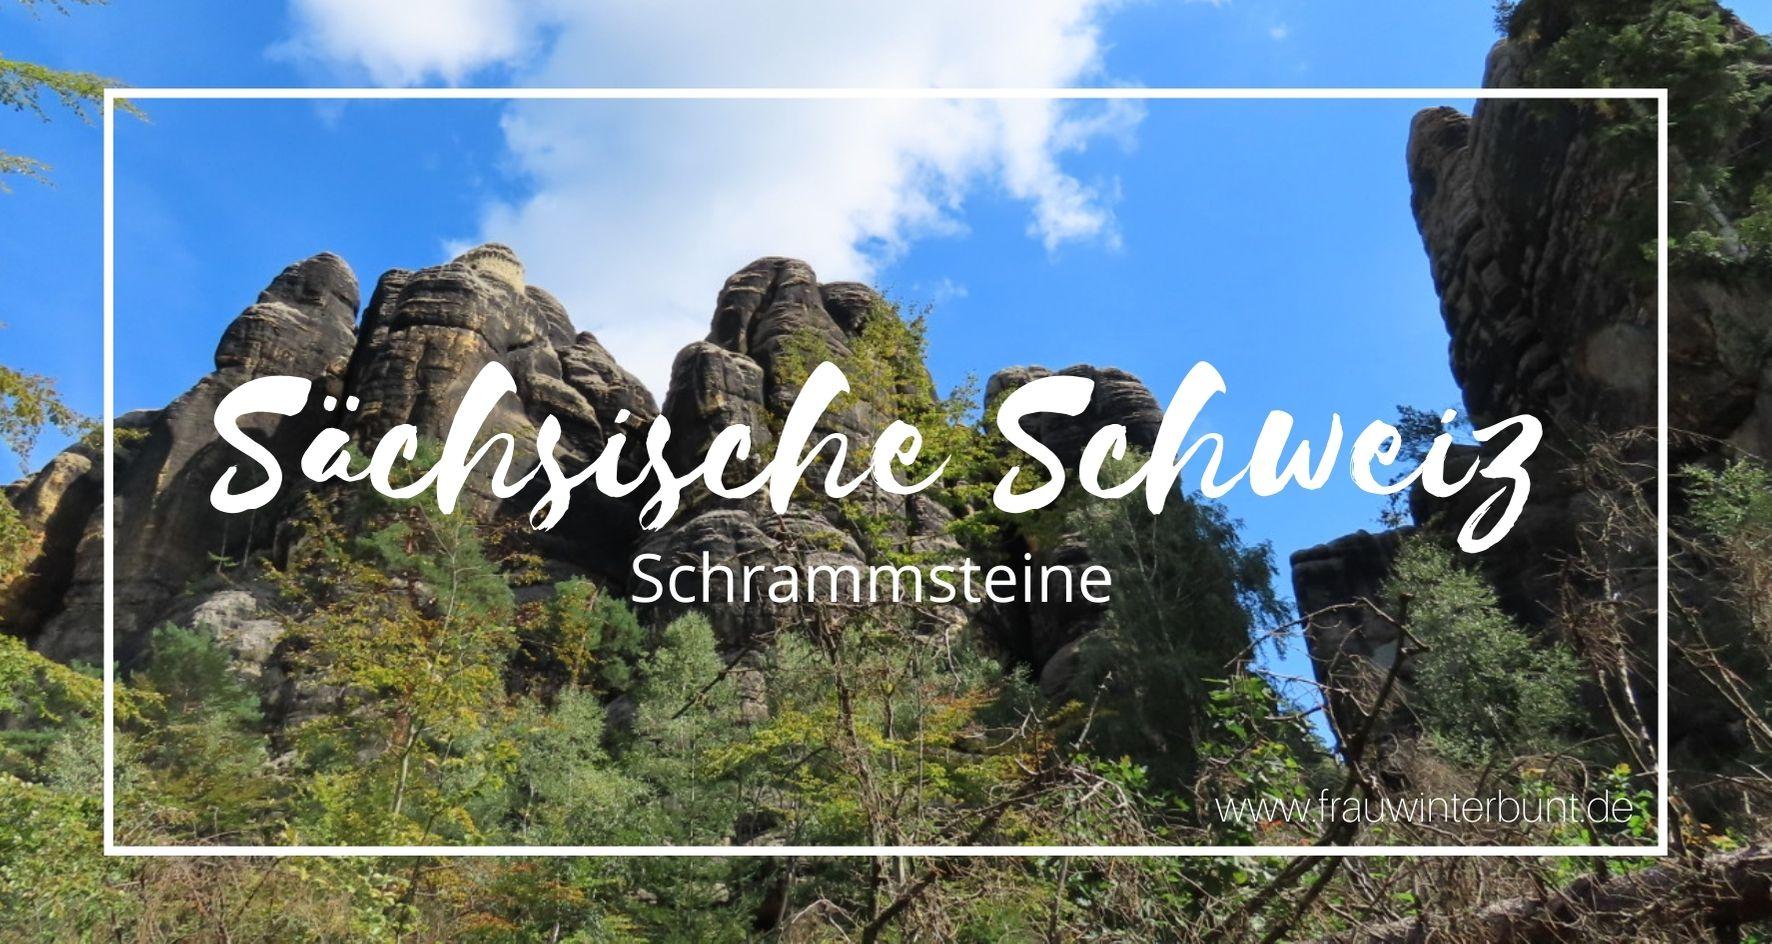 Wandern | Sächsische Schweiz: Schrammsteine